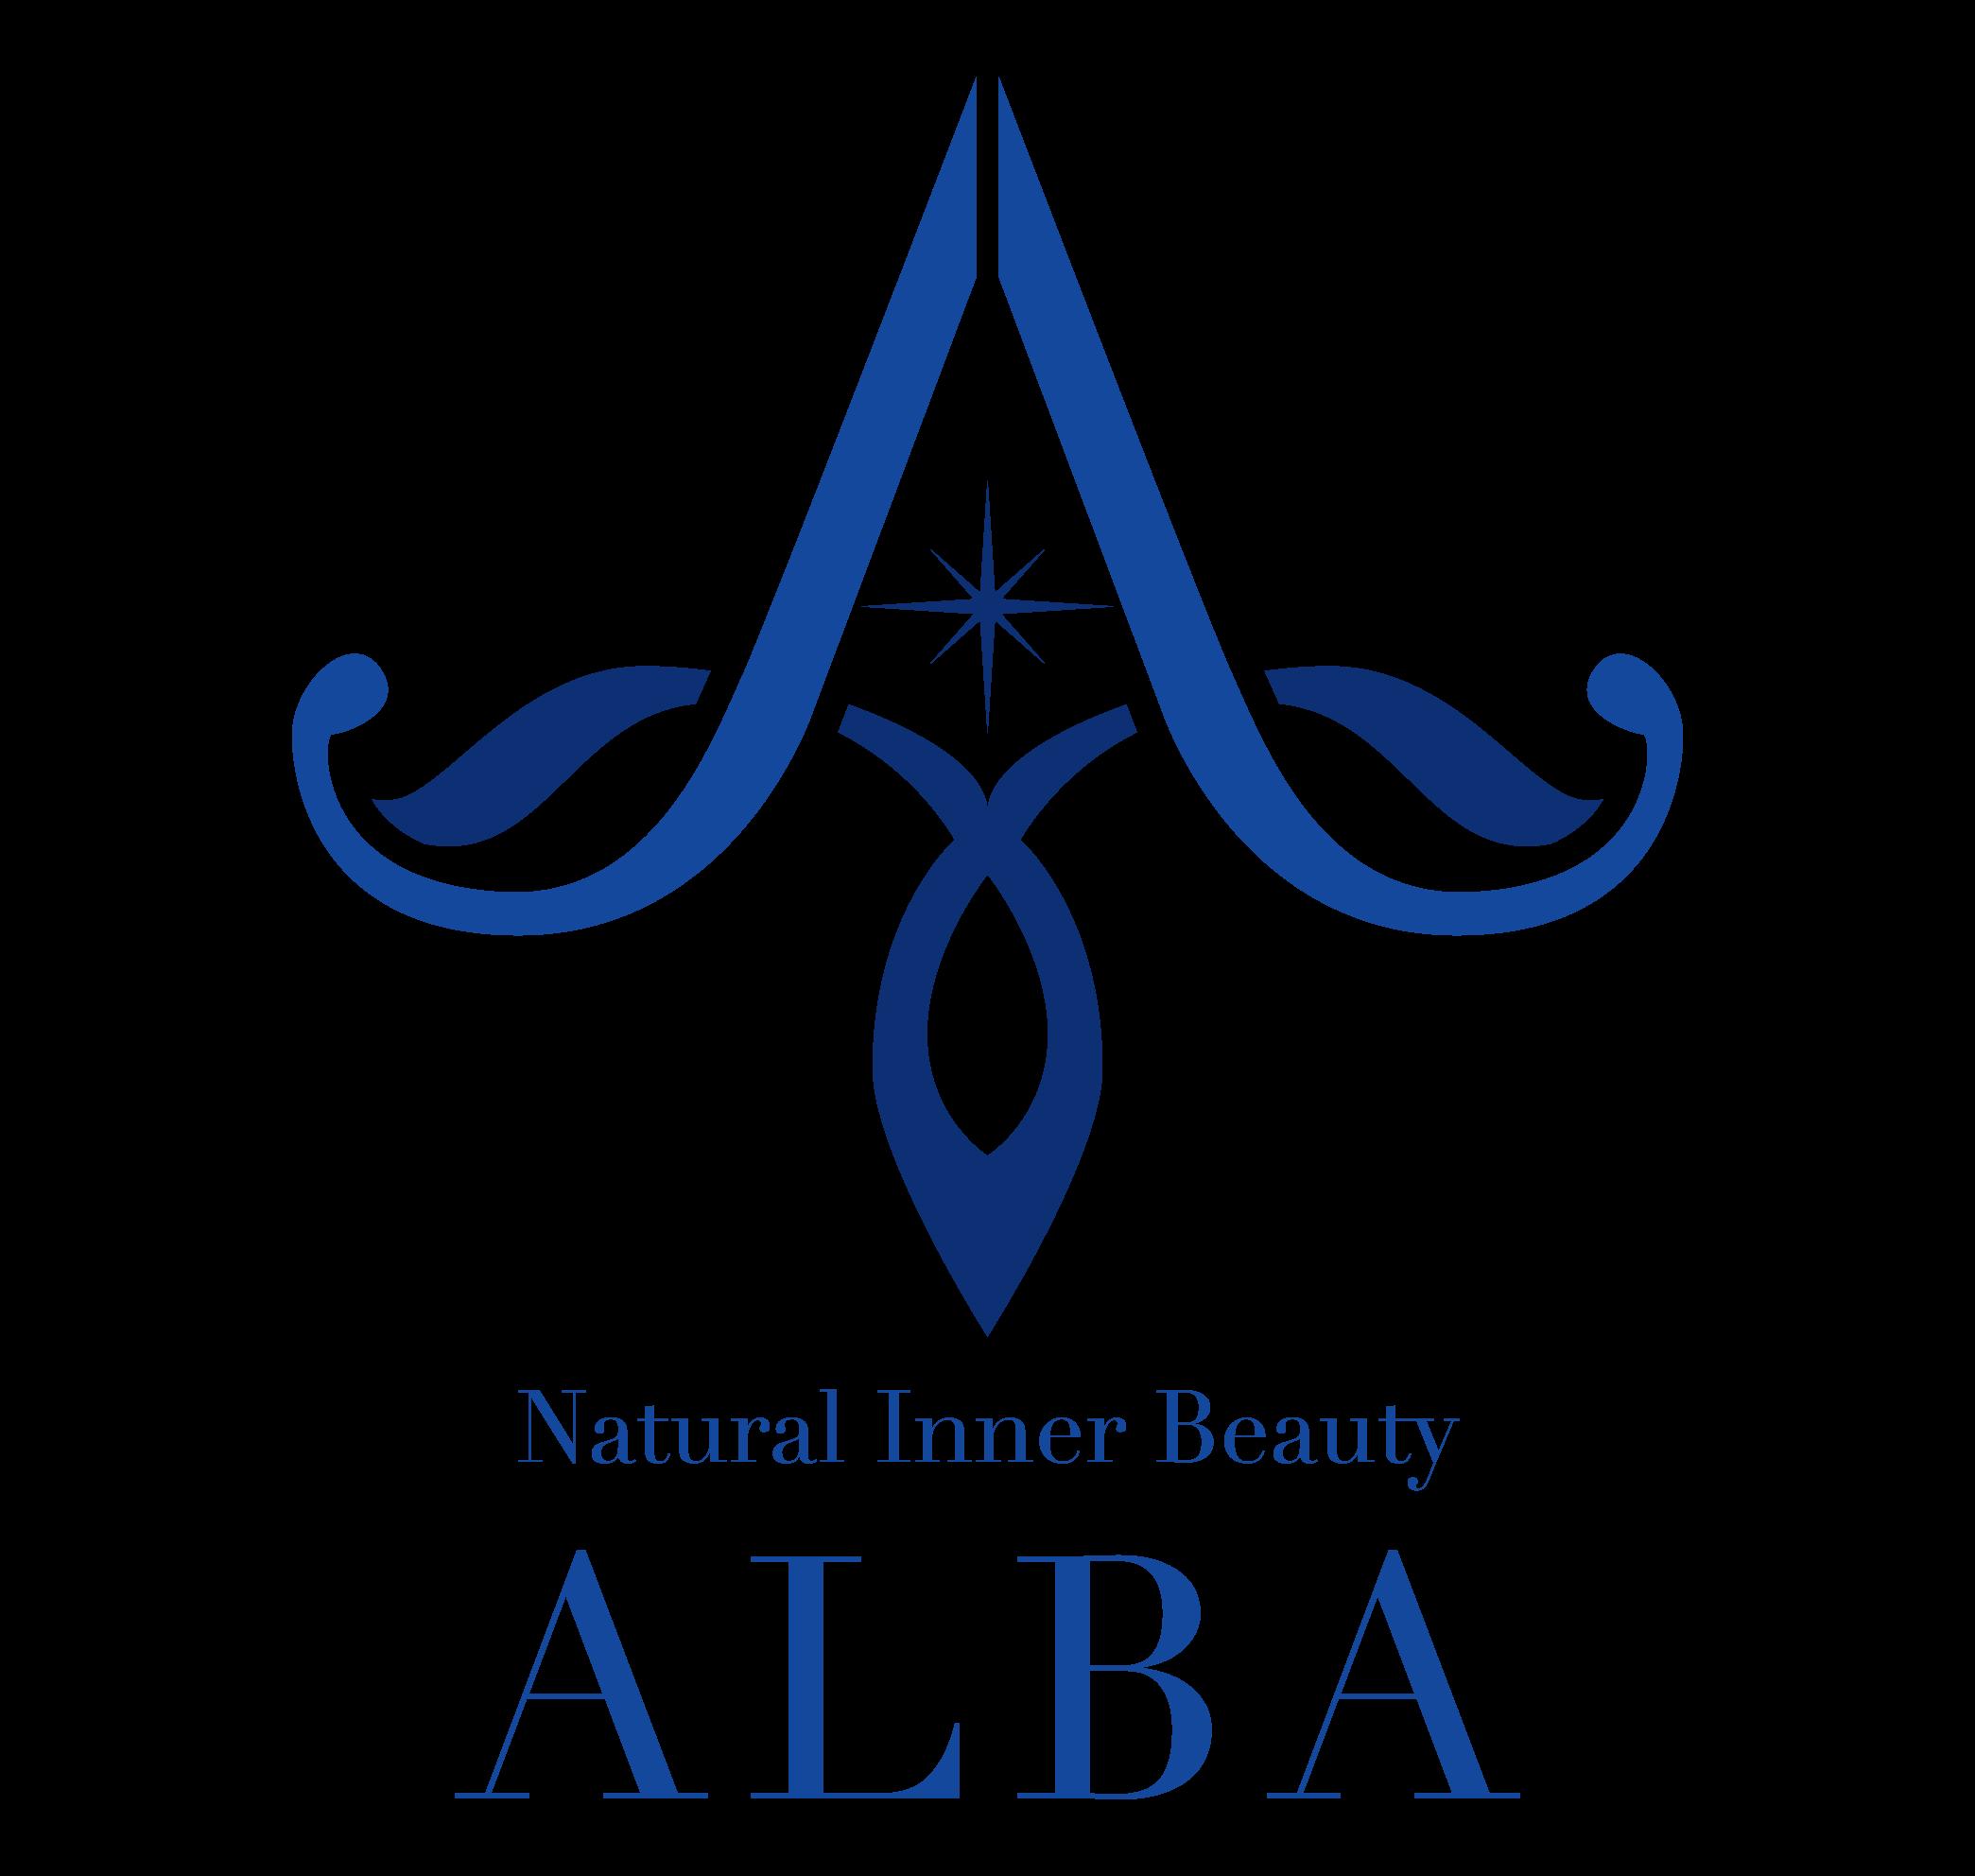 Natural Inner Beauty ALBA